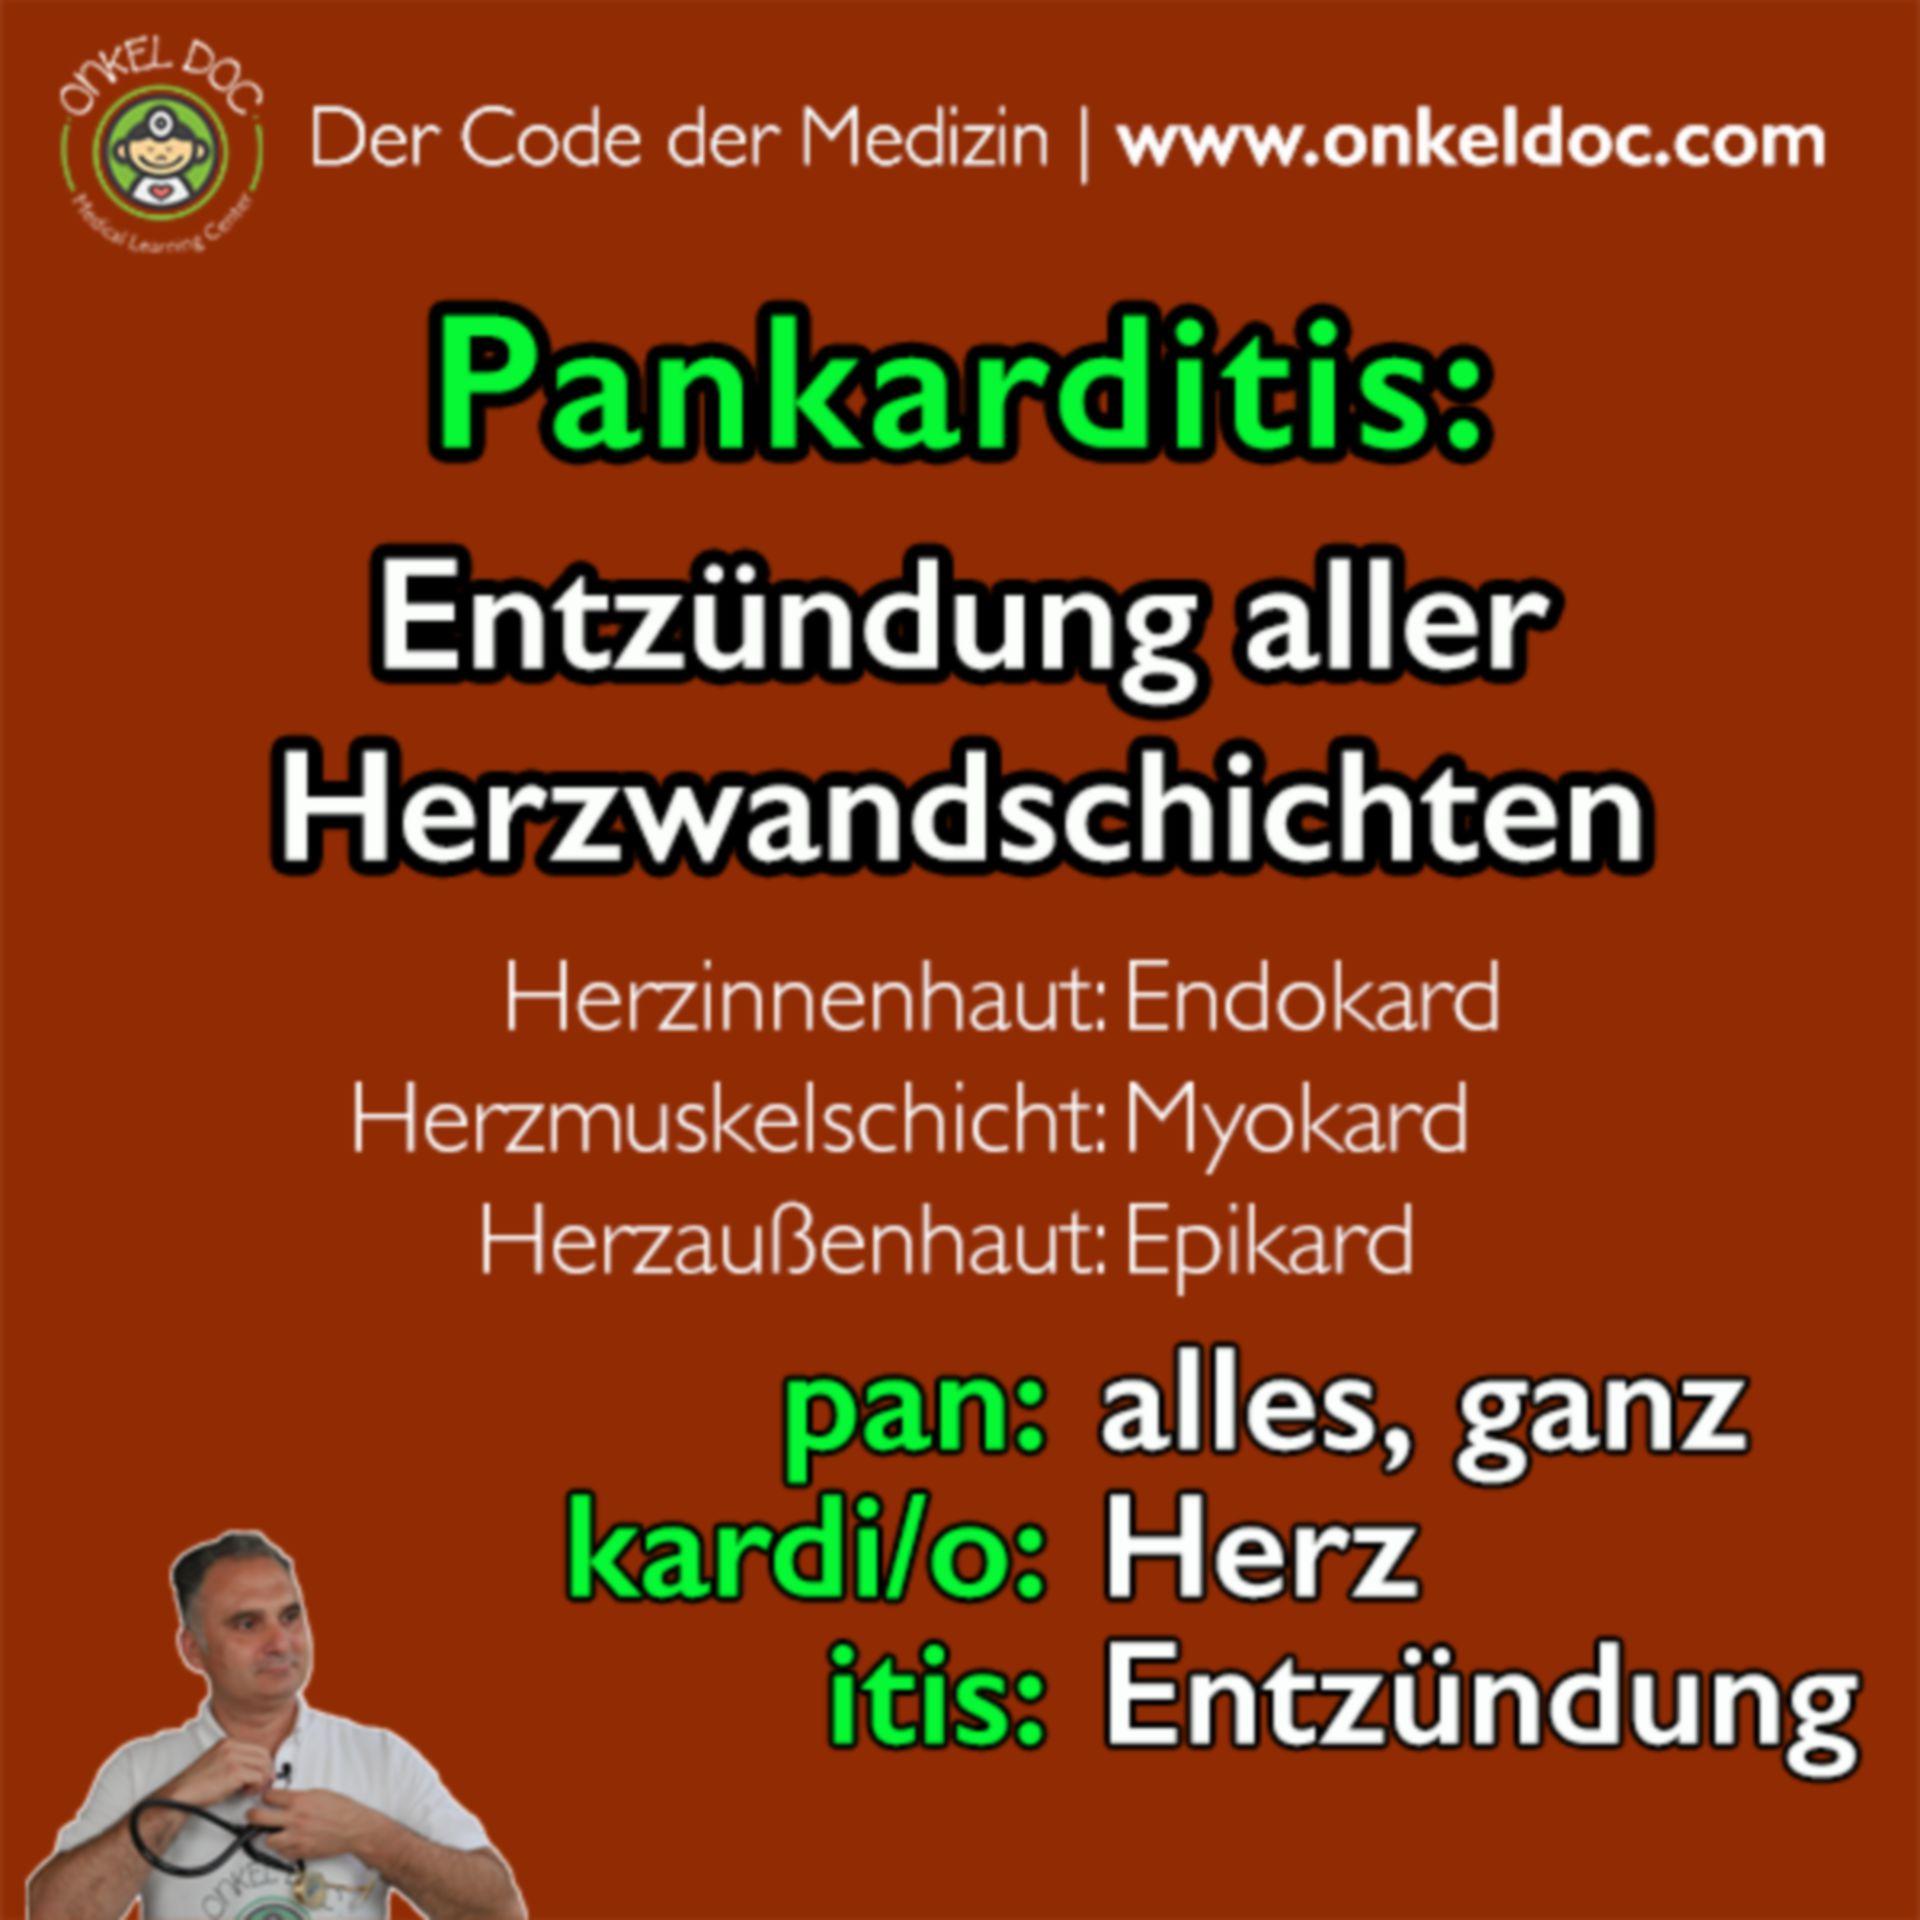 Der Code der Pankarditis